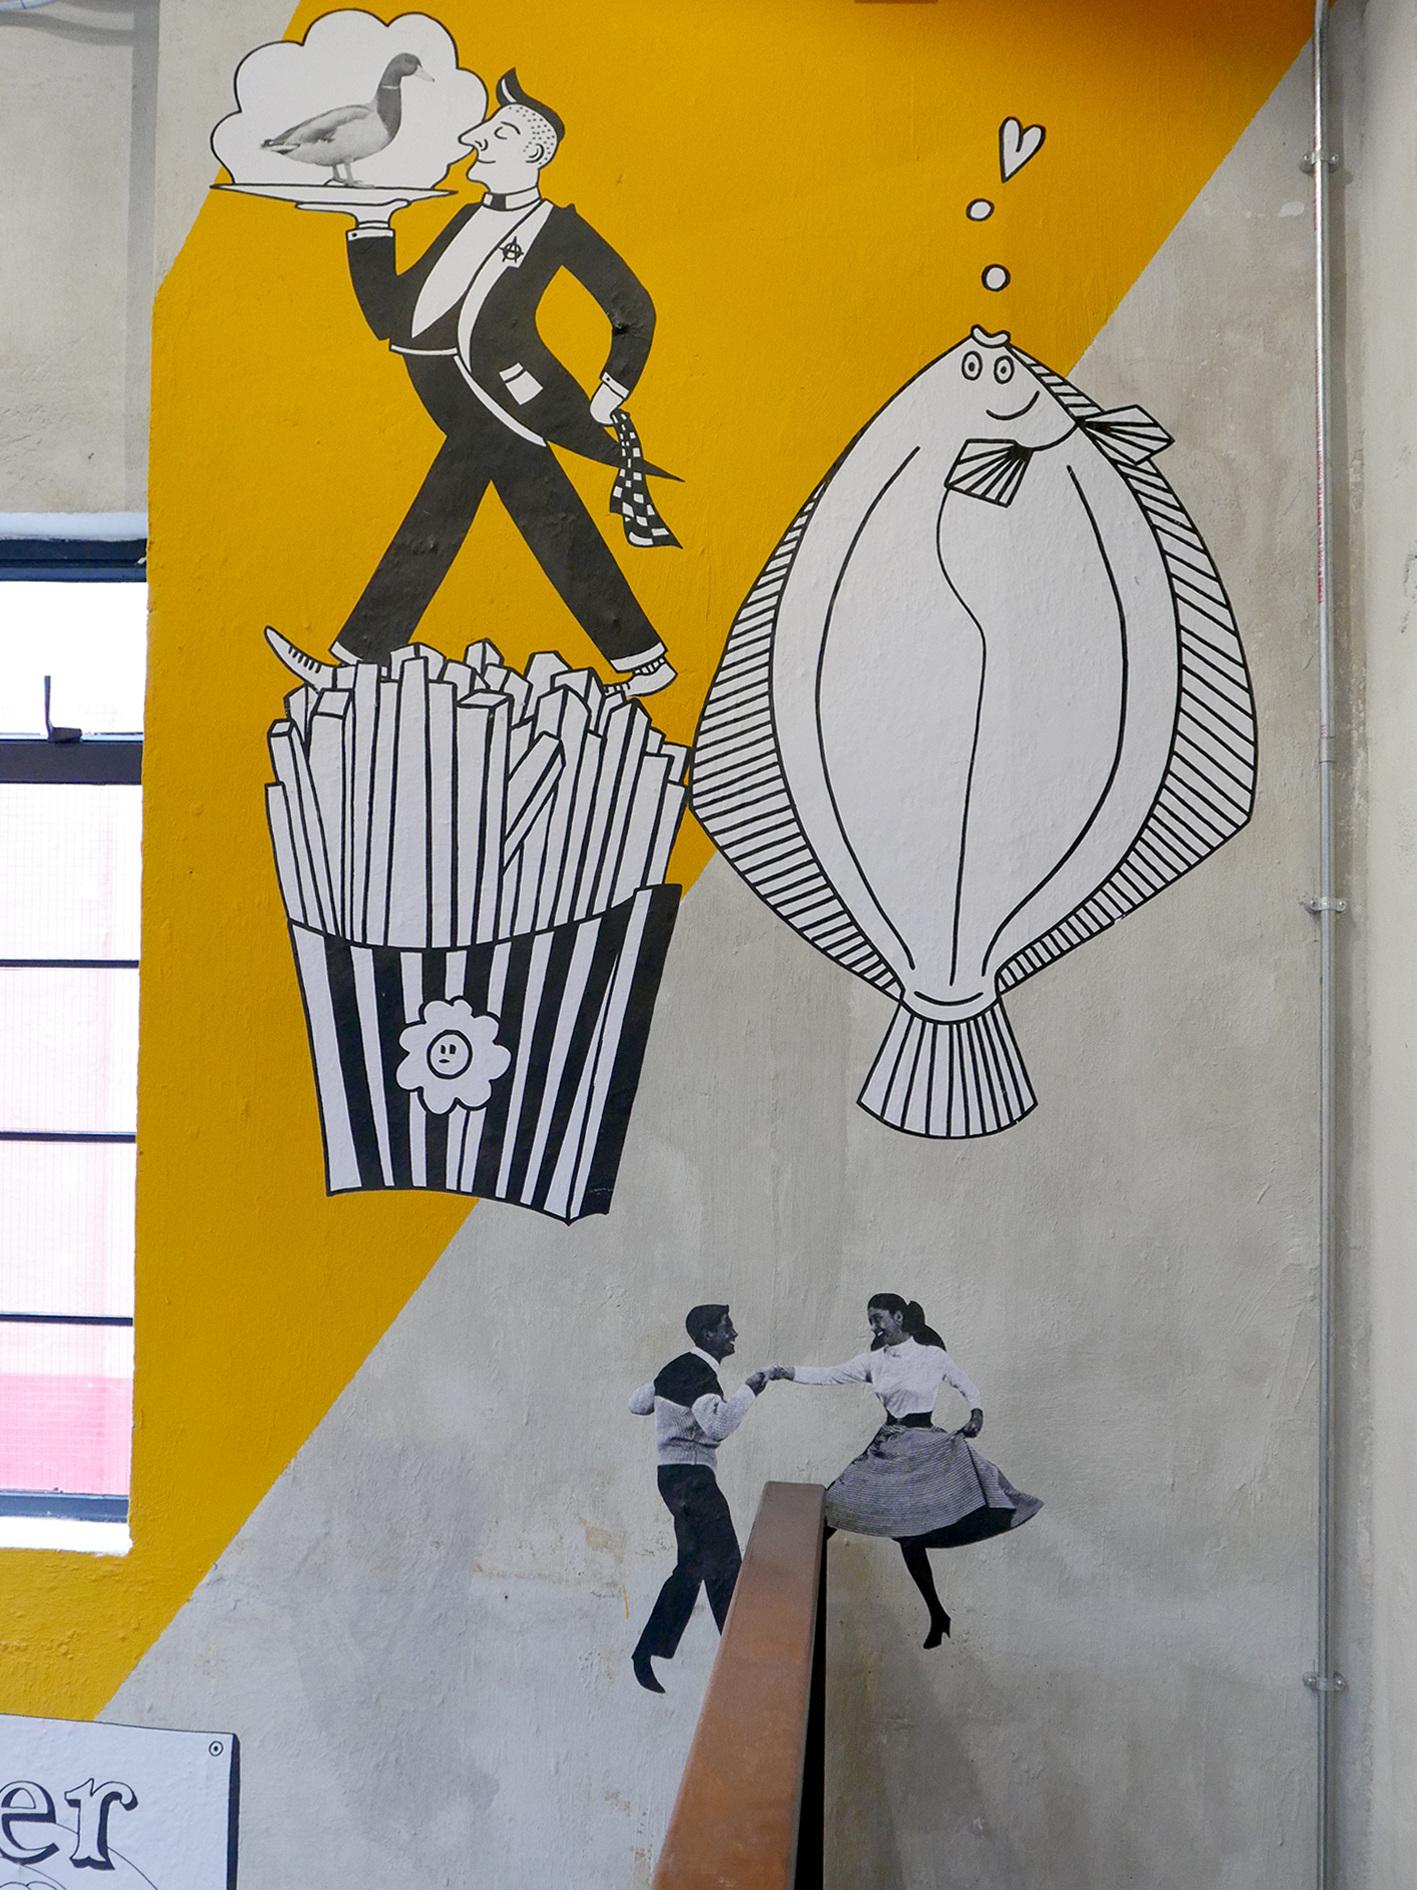 Hmv Mural Emiliesarnel